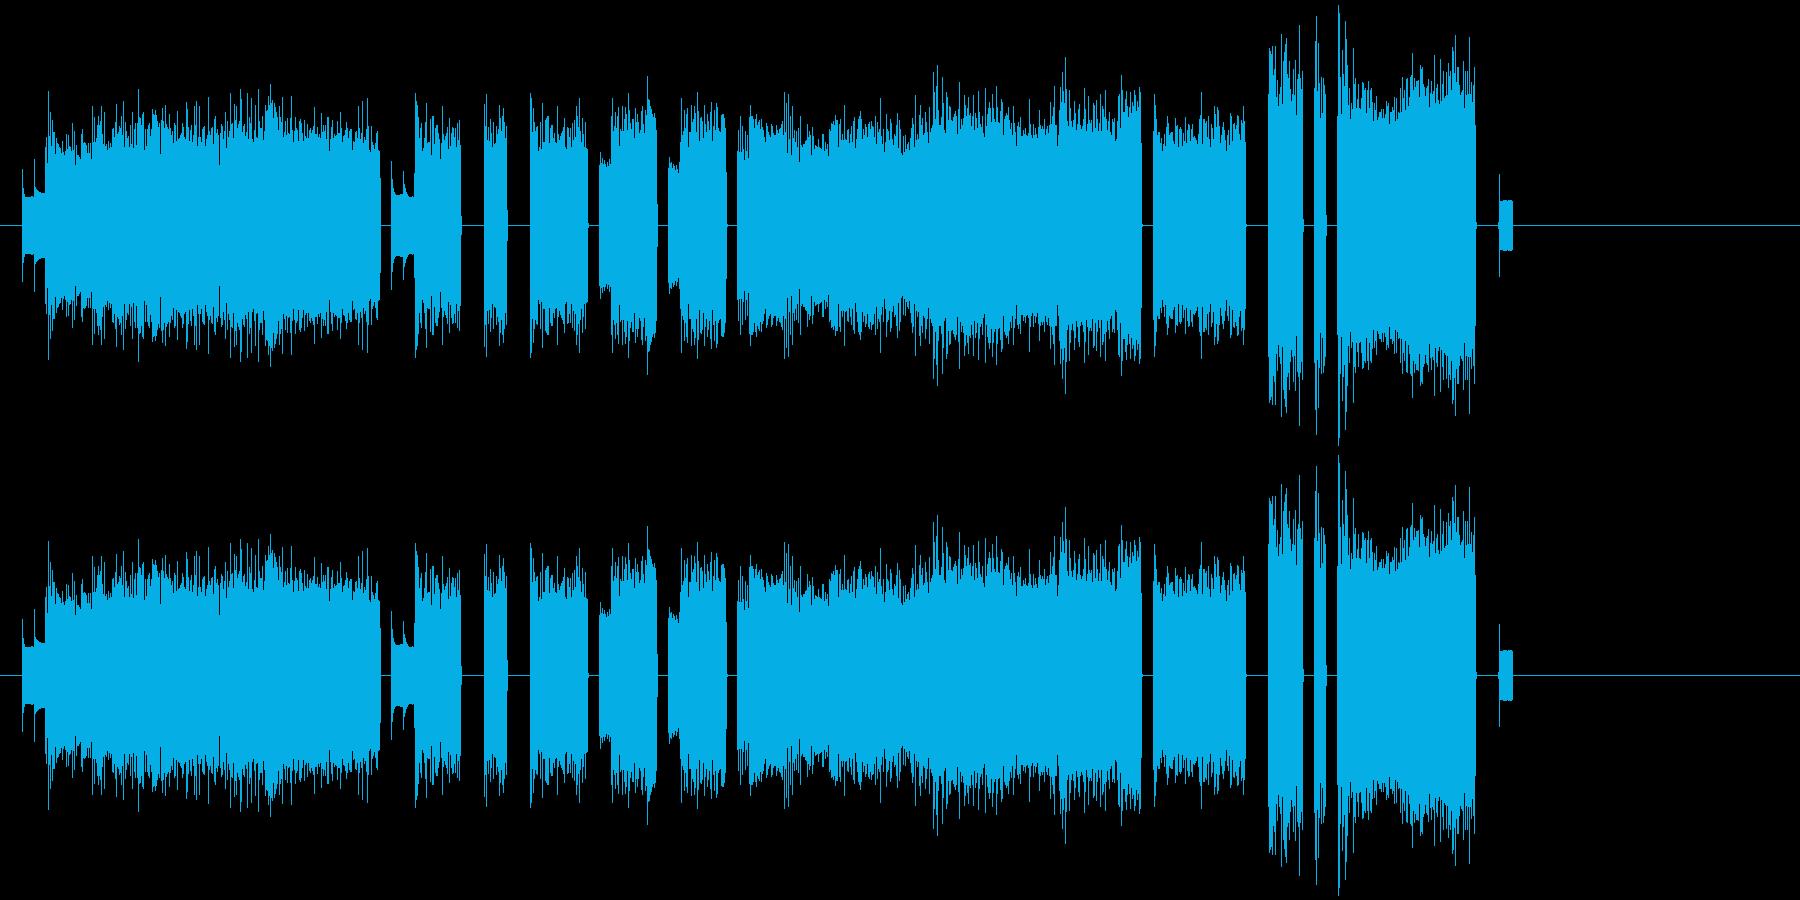 ファミコンゲーム系 お洒落なジングルの再生済みの波形